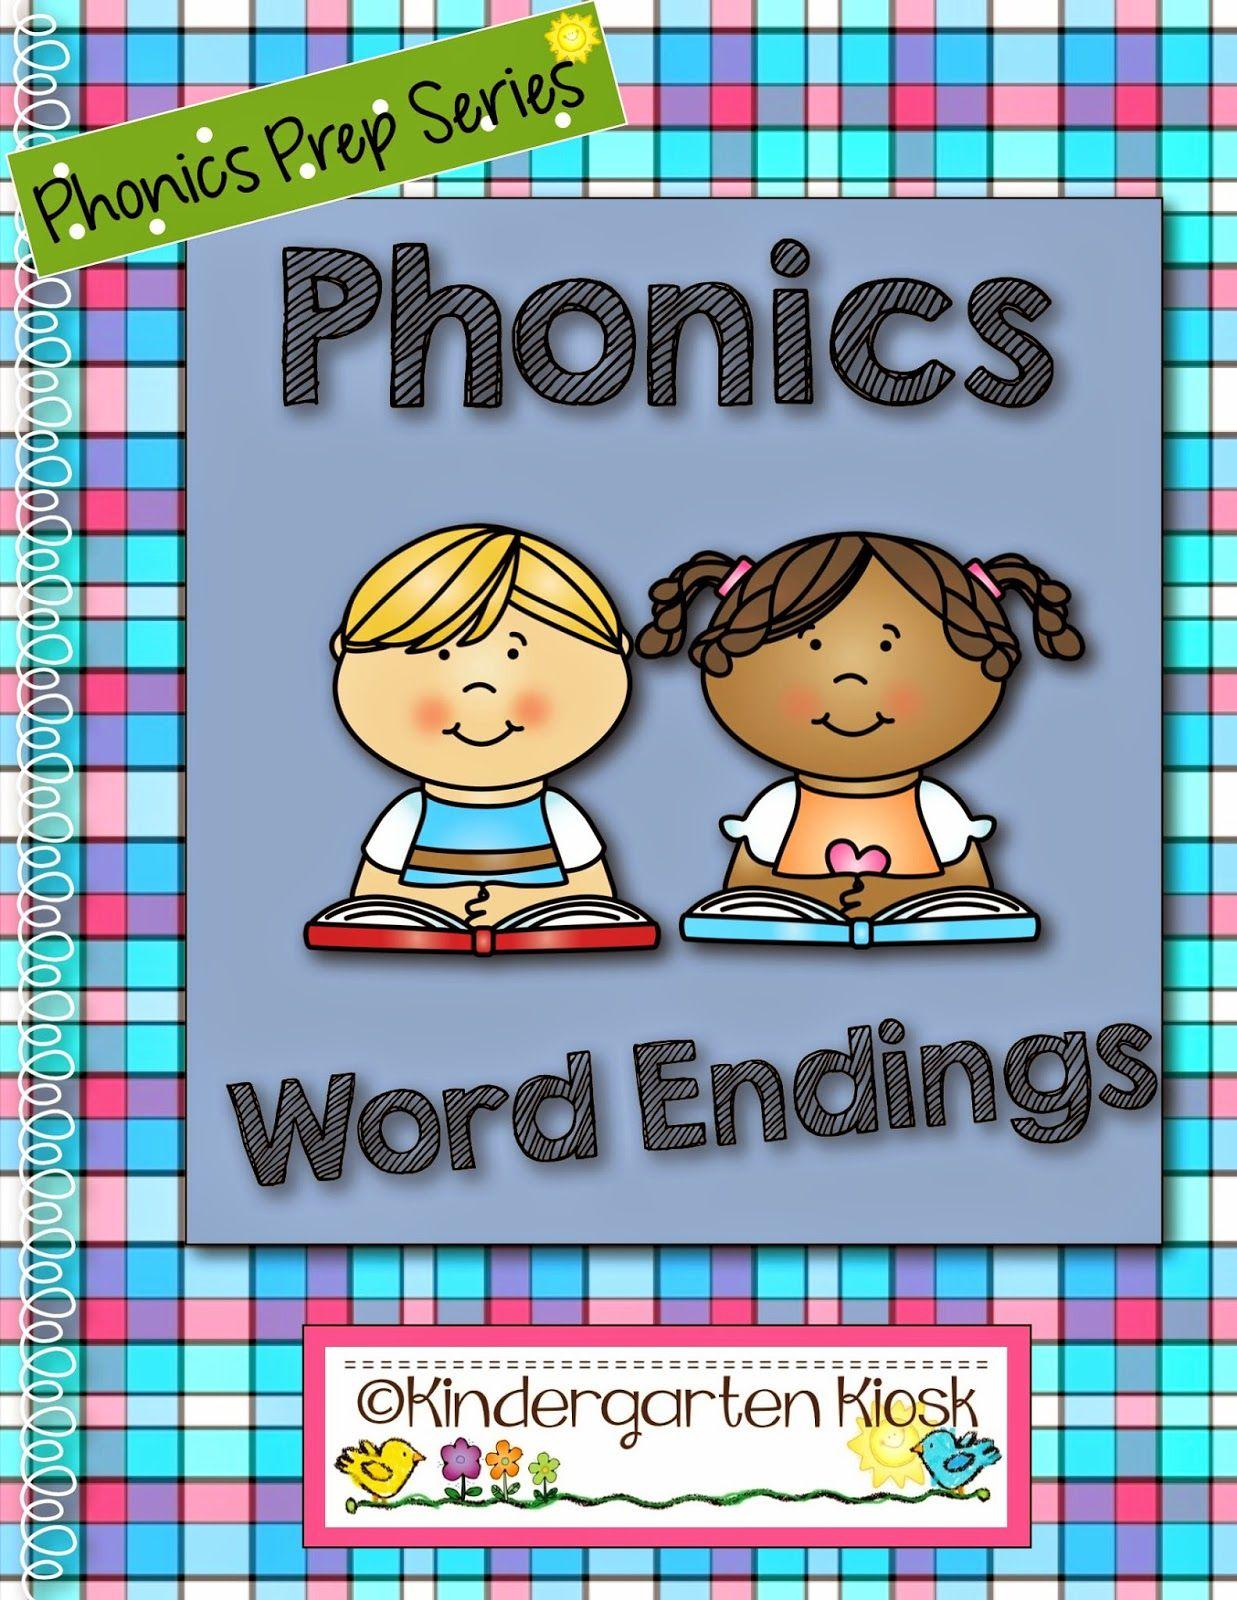 Phonics Prep Word Endings